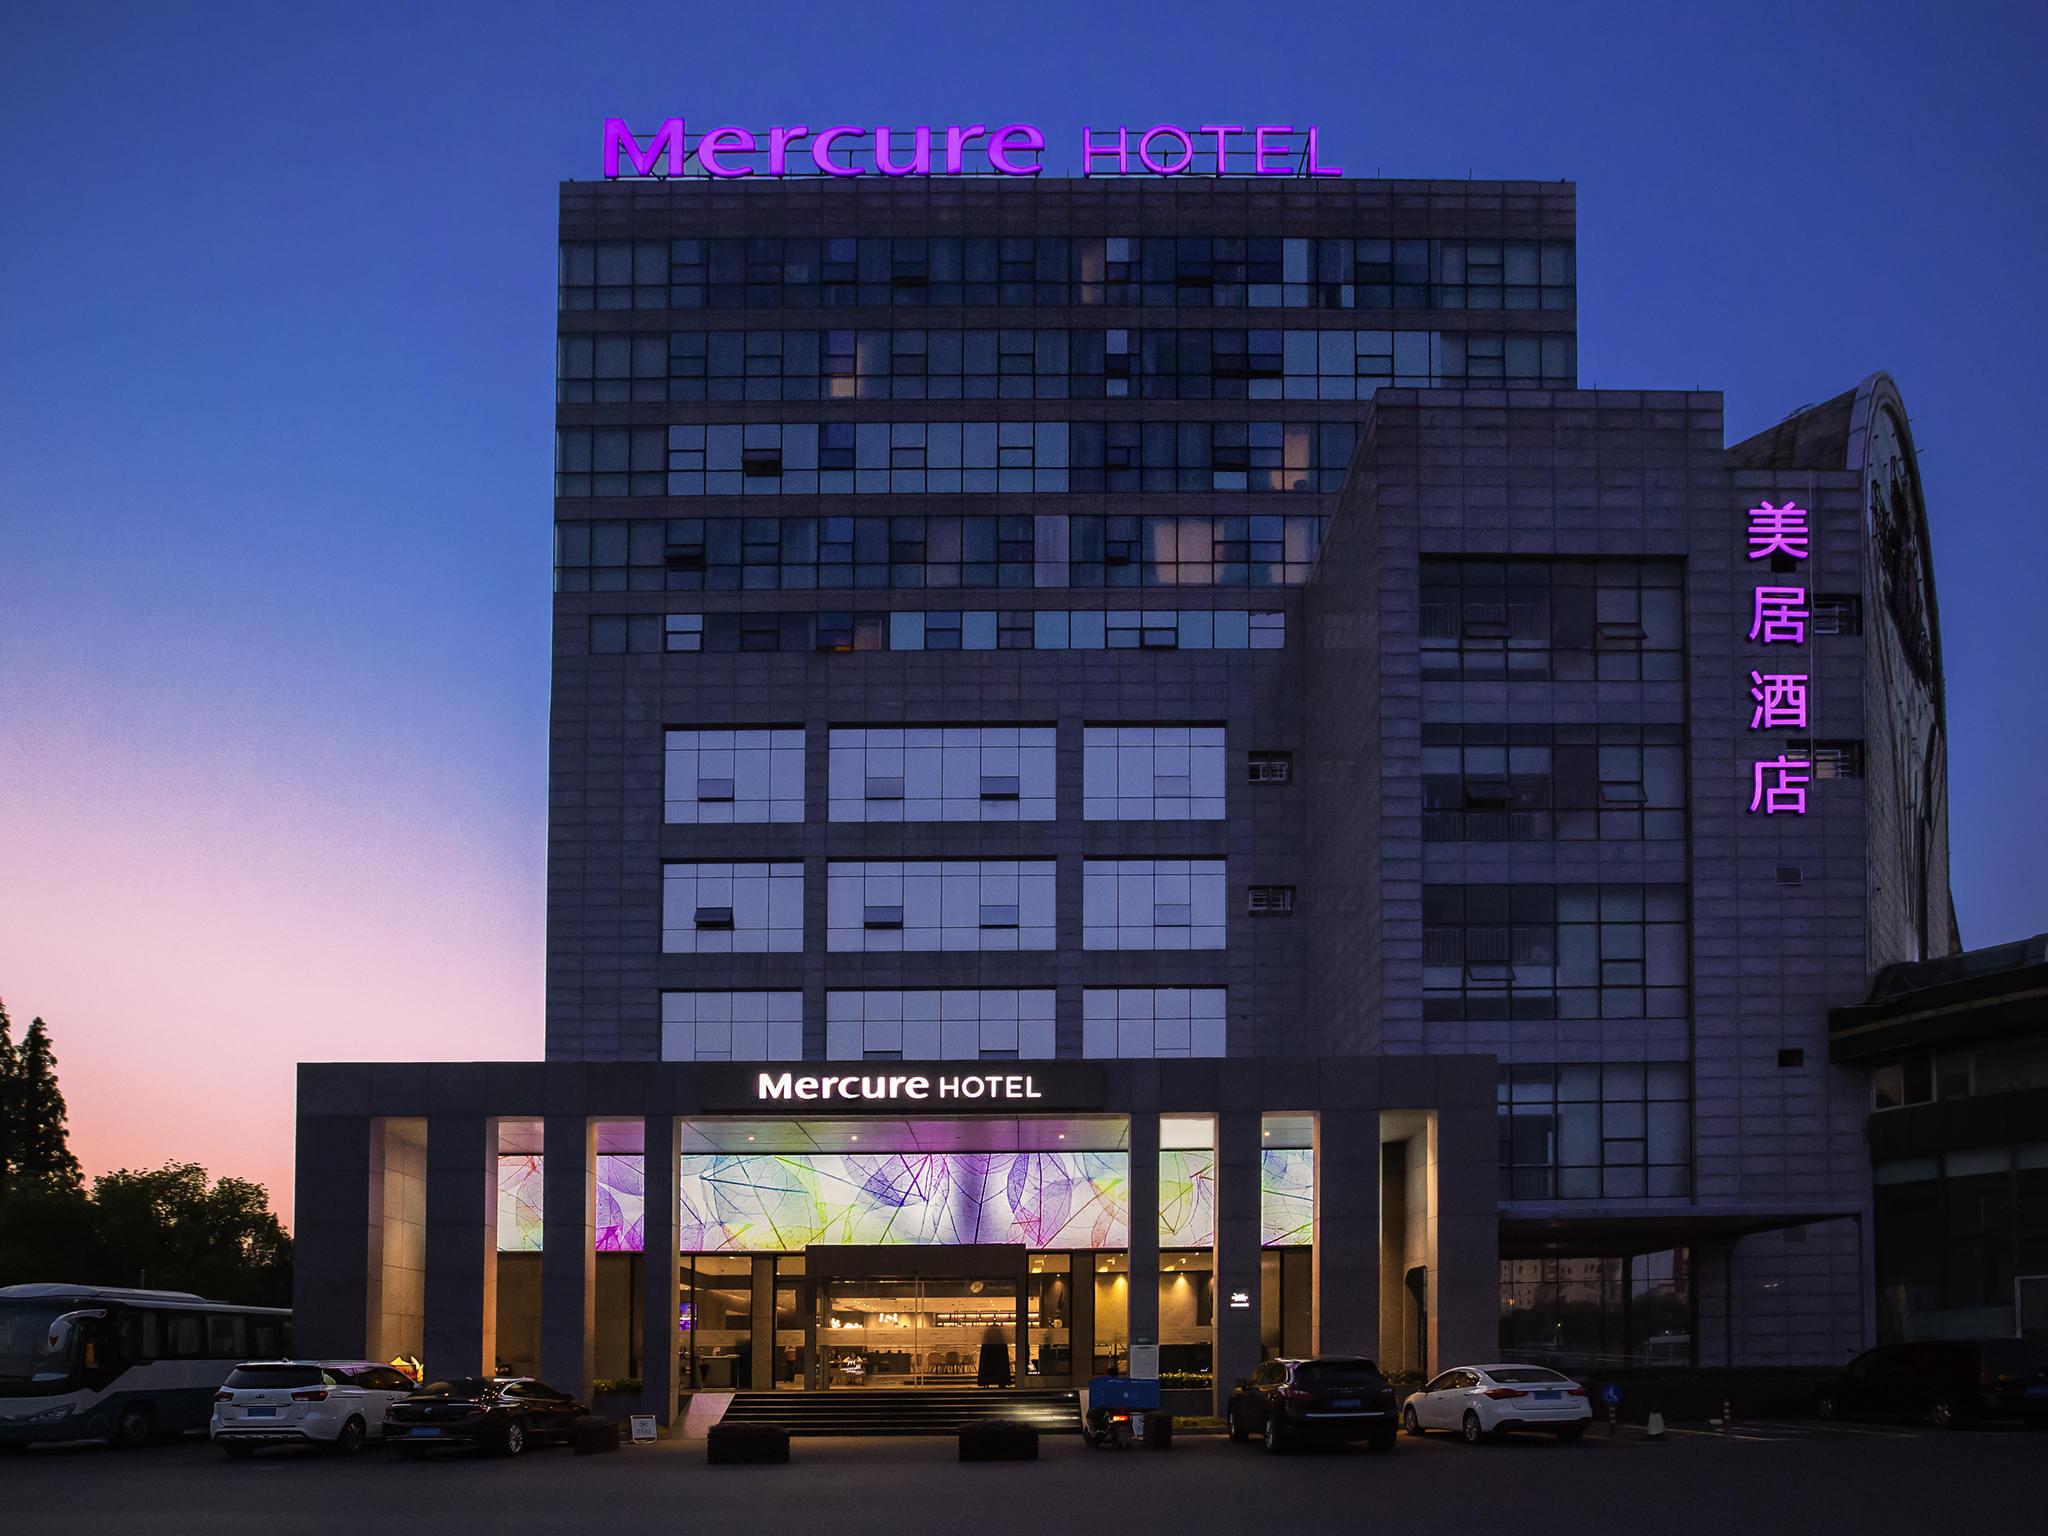 โรงแรม – เมอร์เคียว เซี่ยงไฮ้ หงเฉียว เซาท์